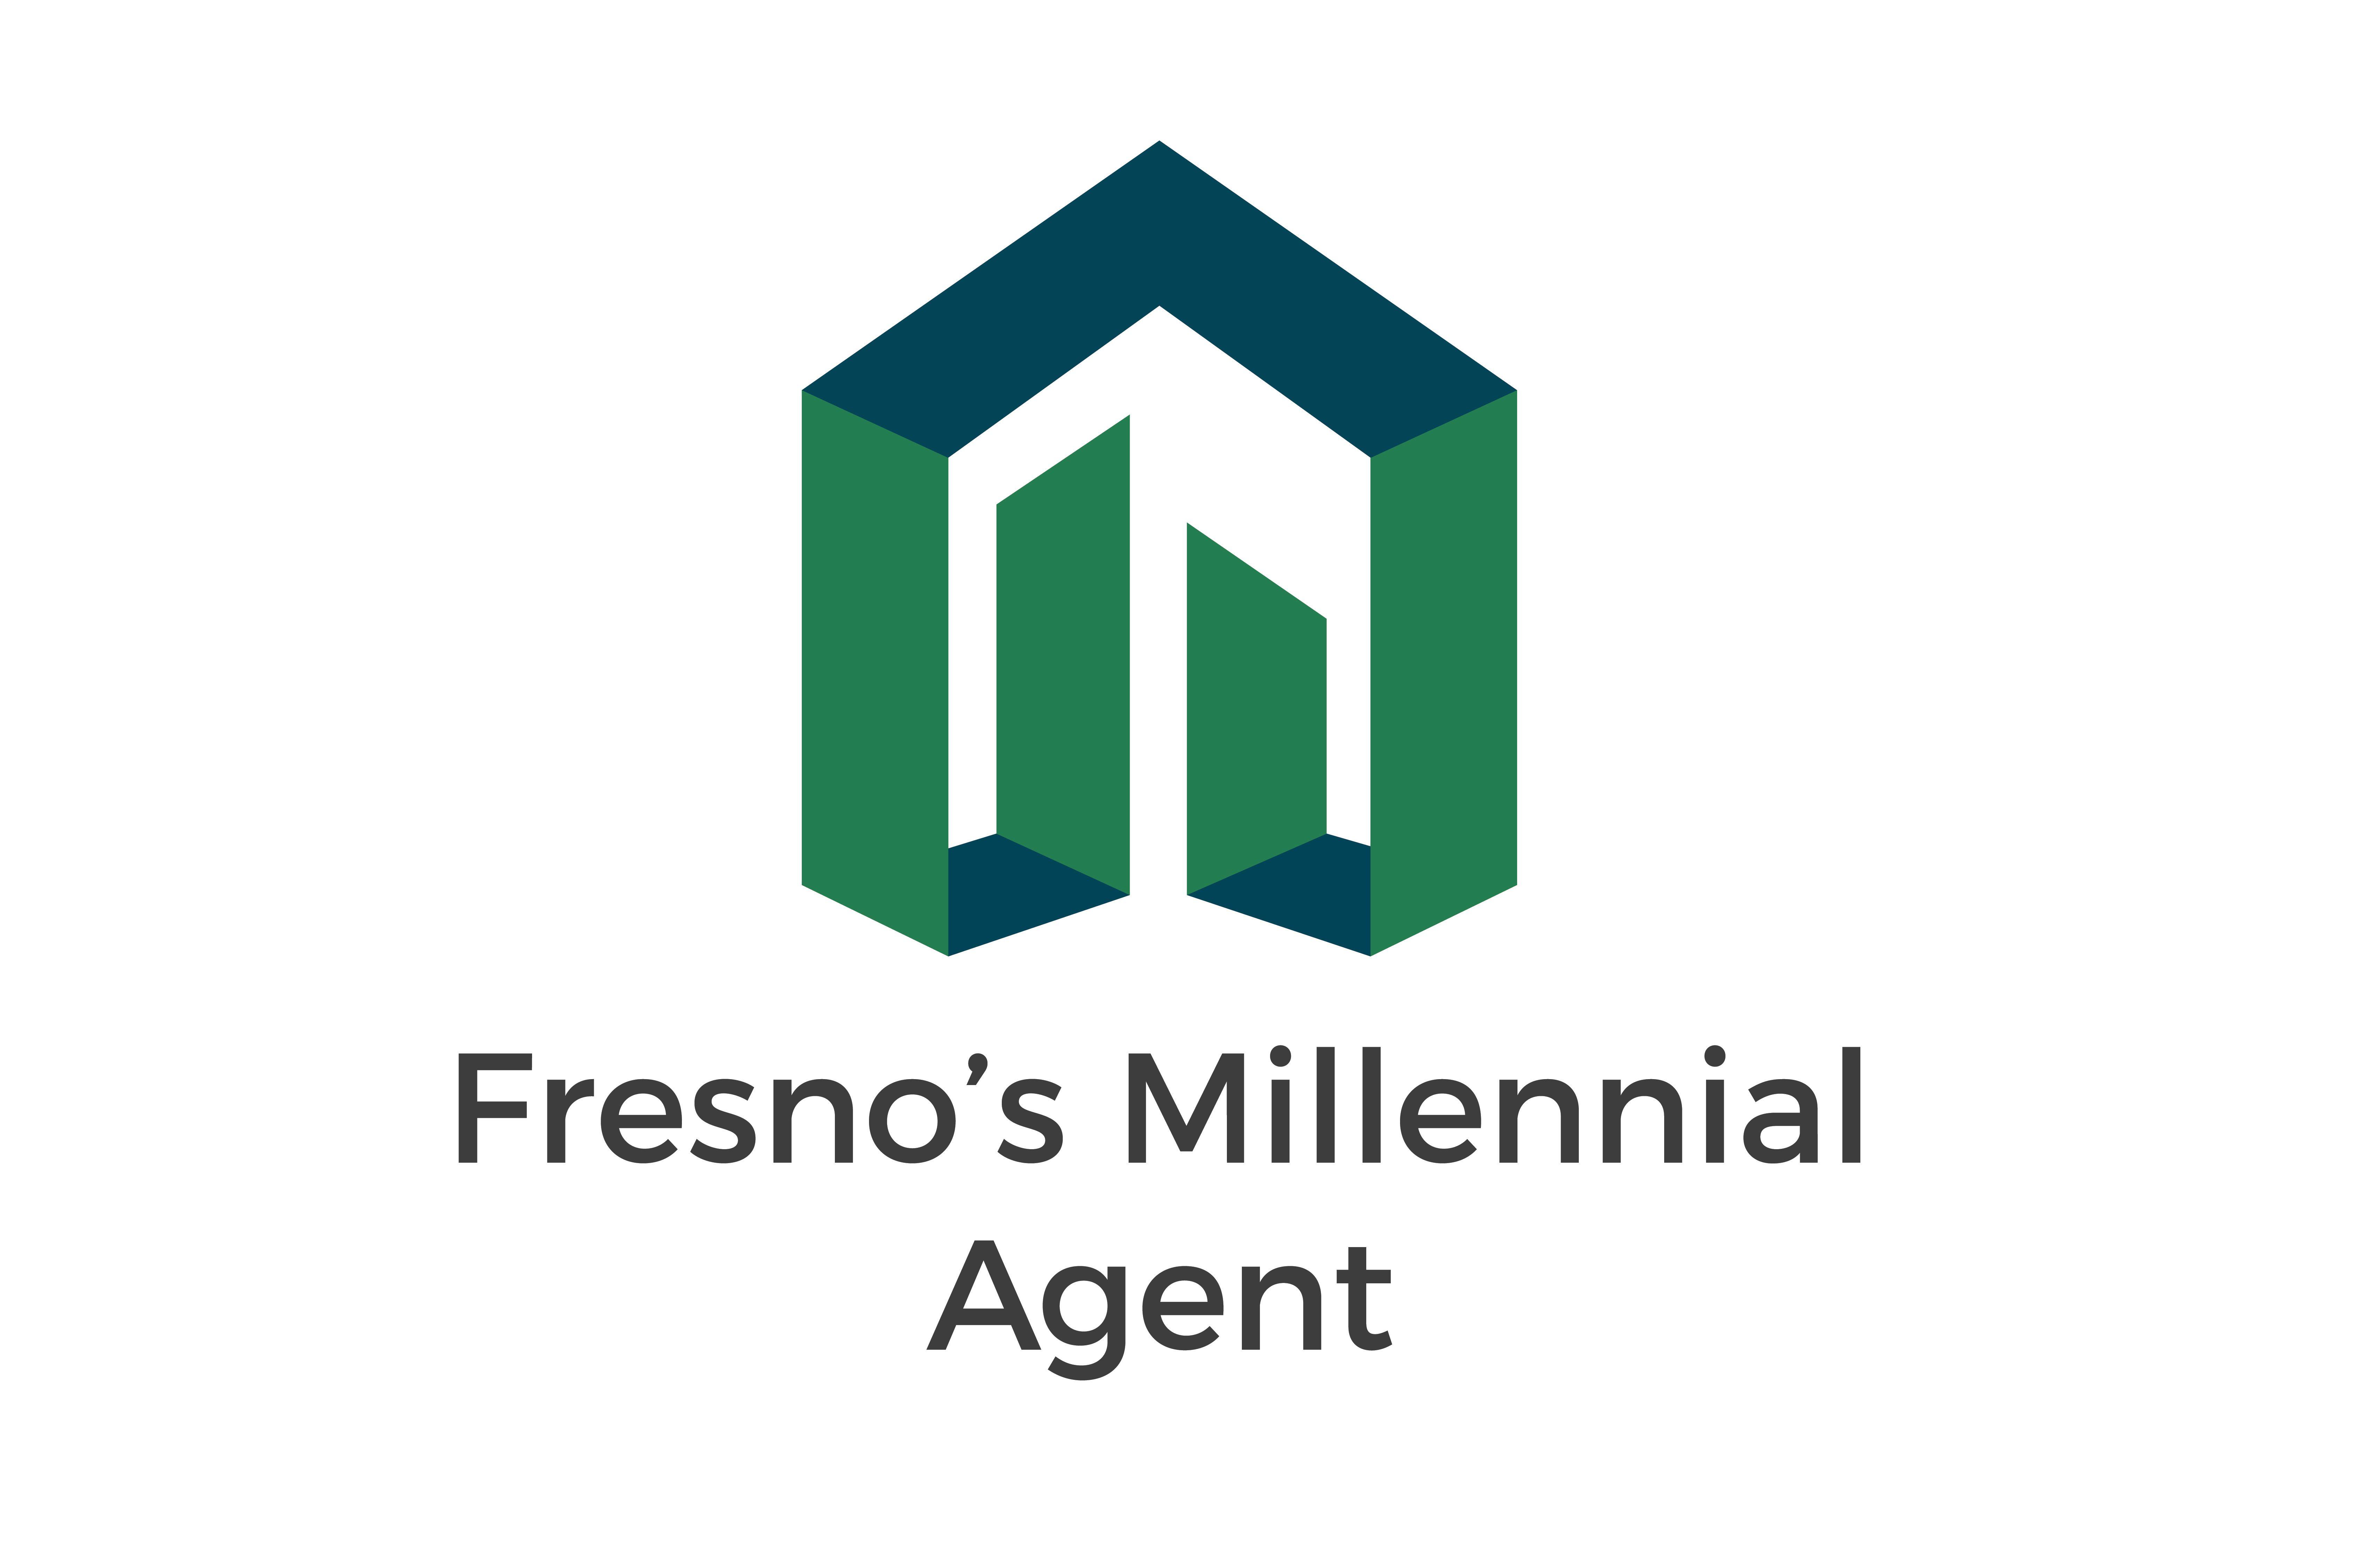 Fresno's Millennial Agent